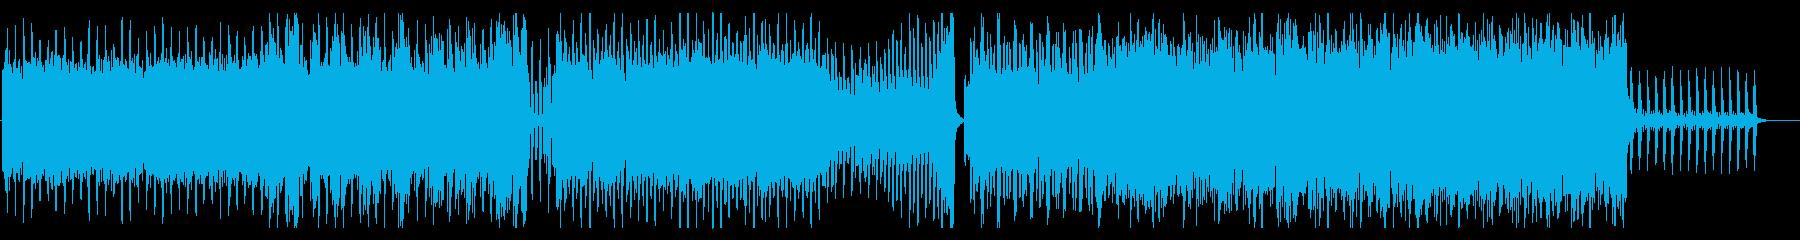 明るい爽やかなEDM テクノ ダンスの再生済みの波形